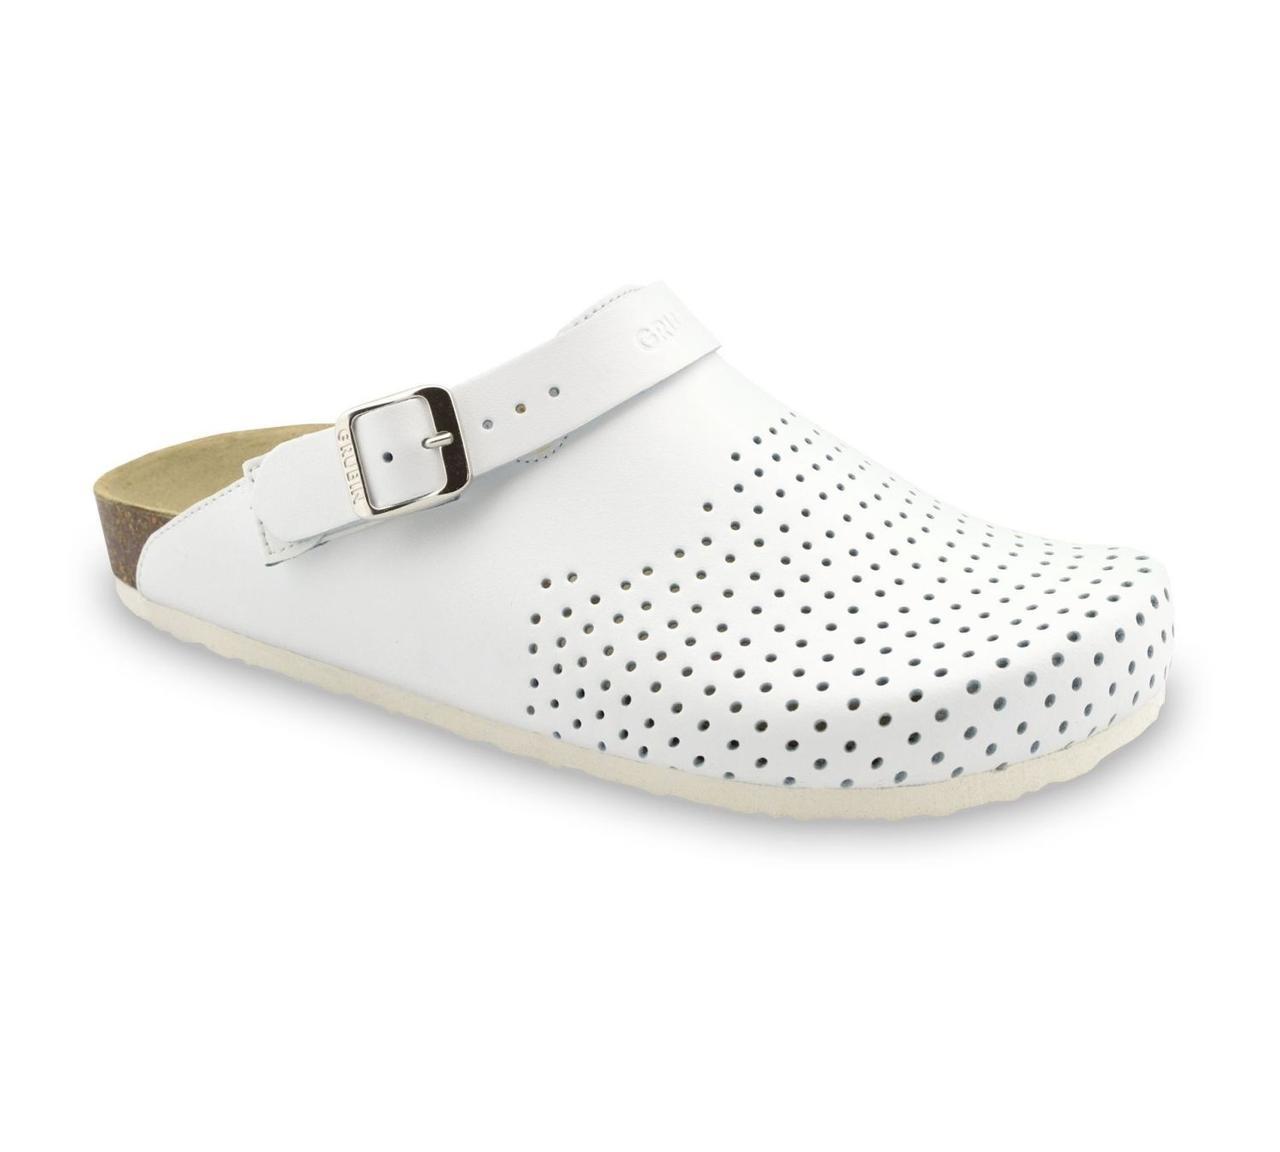 Сабо ортопедические мужские Stocholm, цвет белый, размер 42